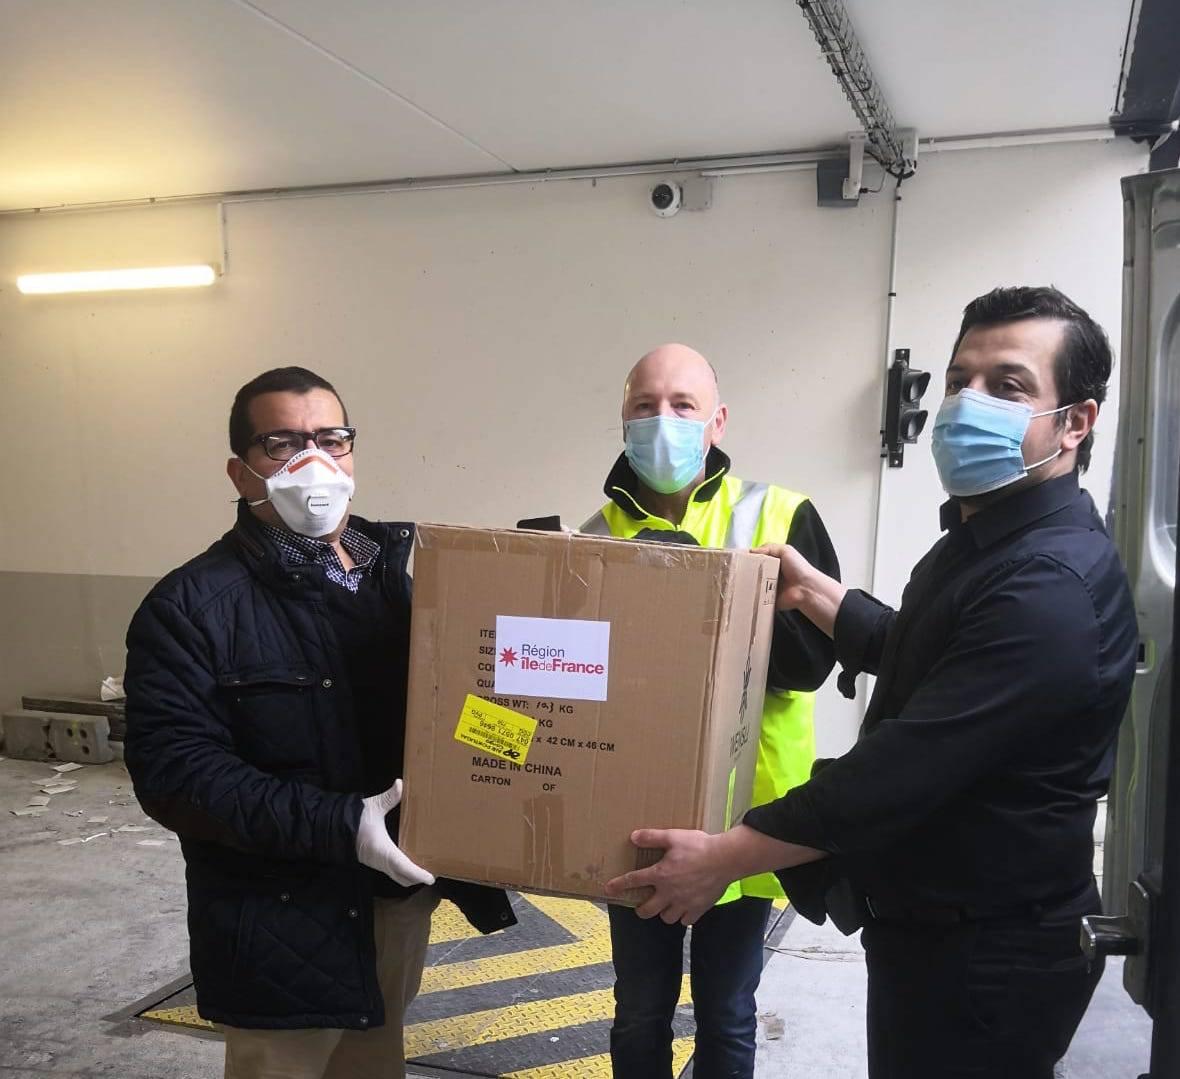 La présidente de la région Île-de-France, Valérie Pécresse, offre des masques aux imams et aumôniers de l'Île-de-France